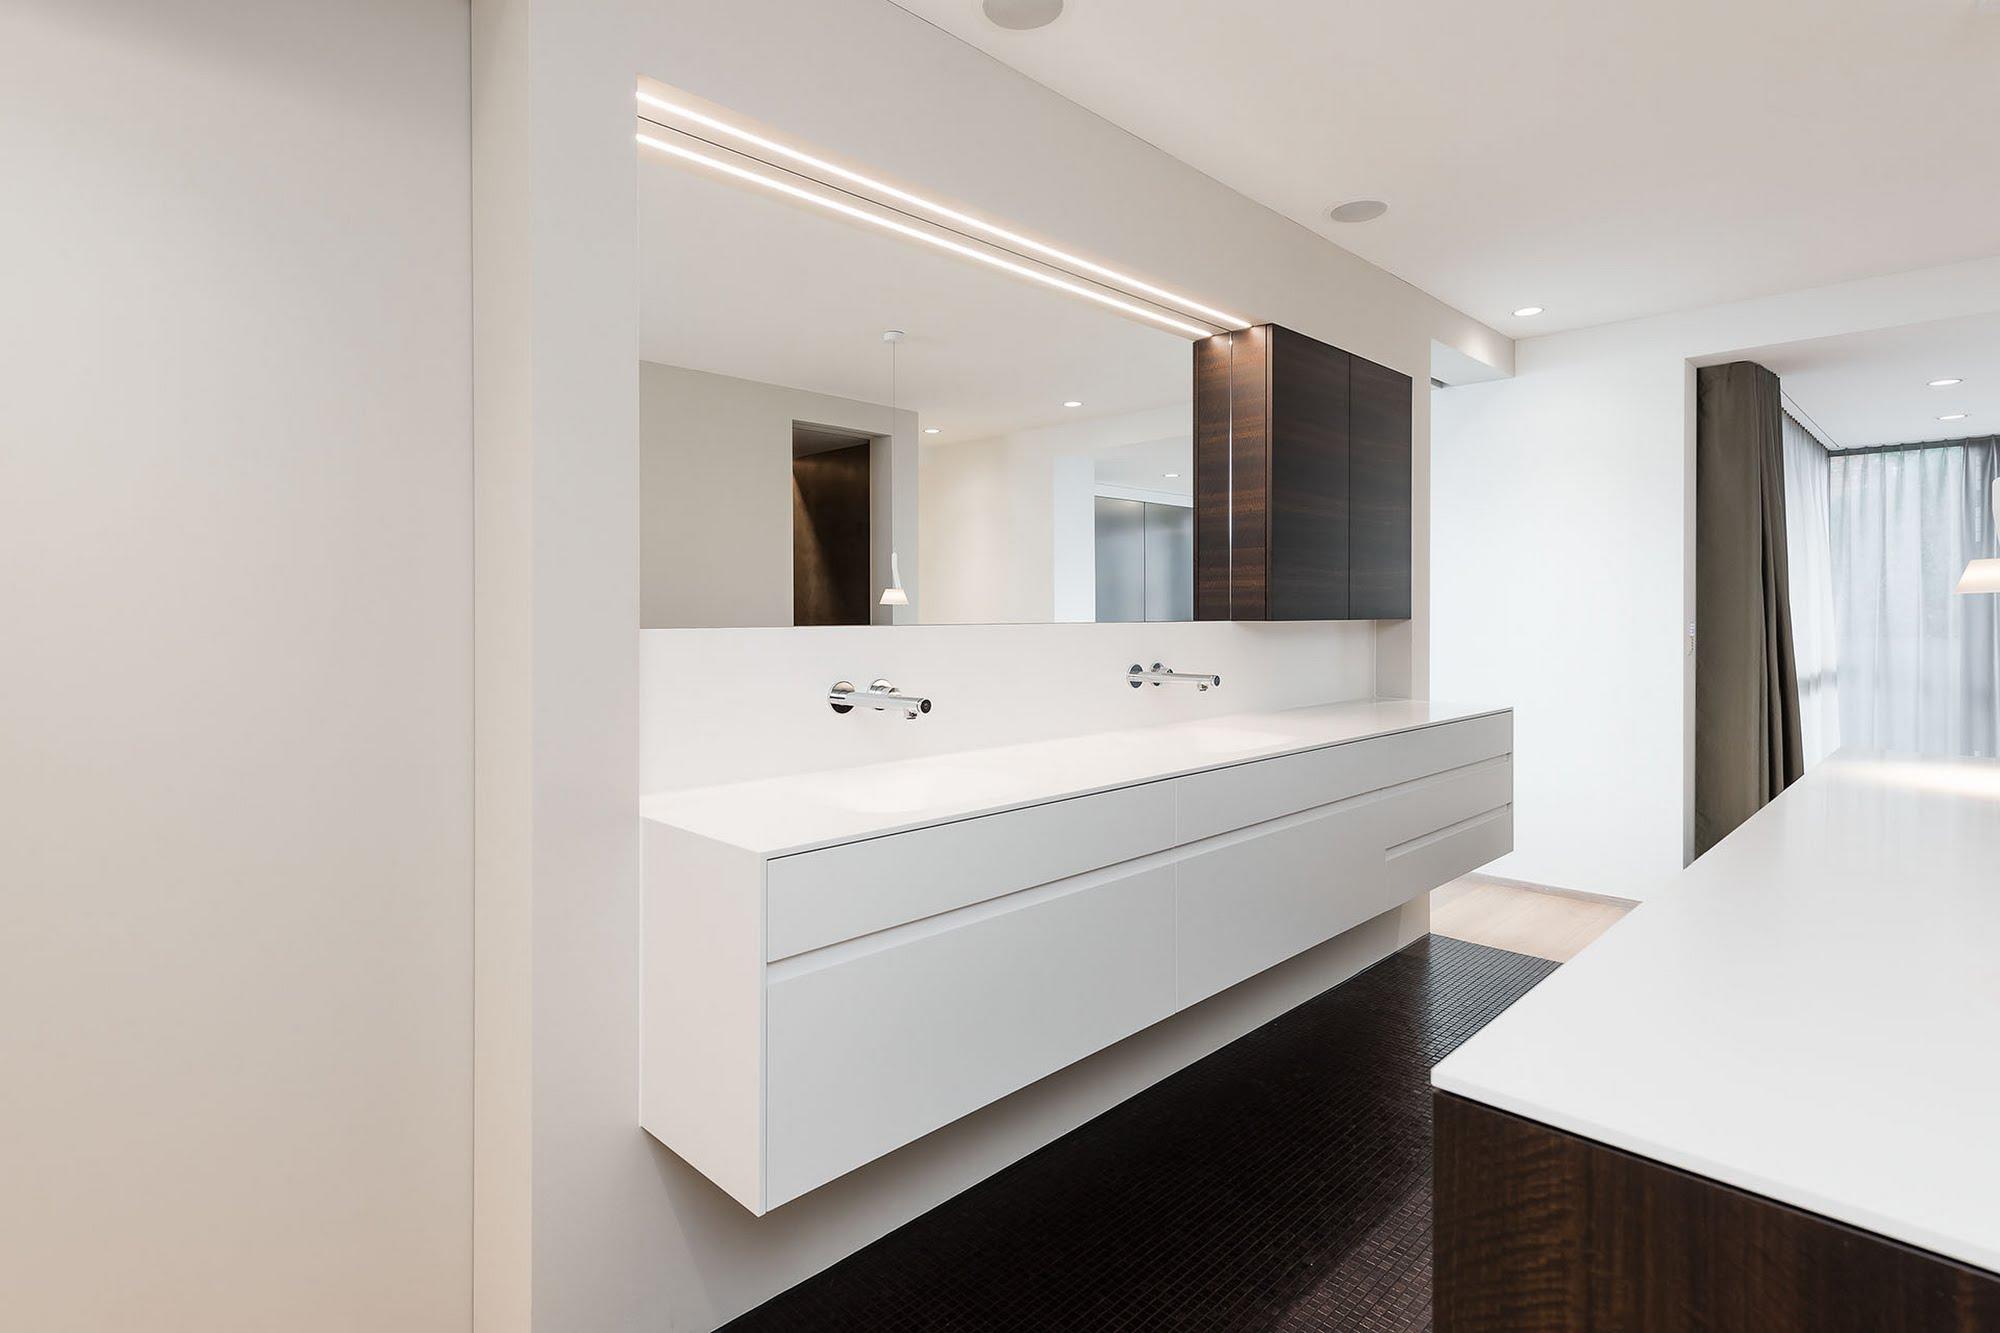 Badgestaltung mit wohnlichem Ambiente - Bäder & Badumbau-Küchen werden immer mehr zum Ort der Begegnung - Sursee, Willisau, Aargau, Zentralschweiz, Luzern, Zofingen